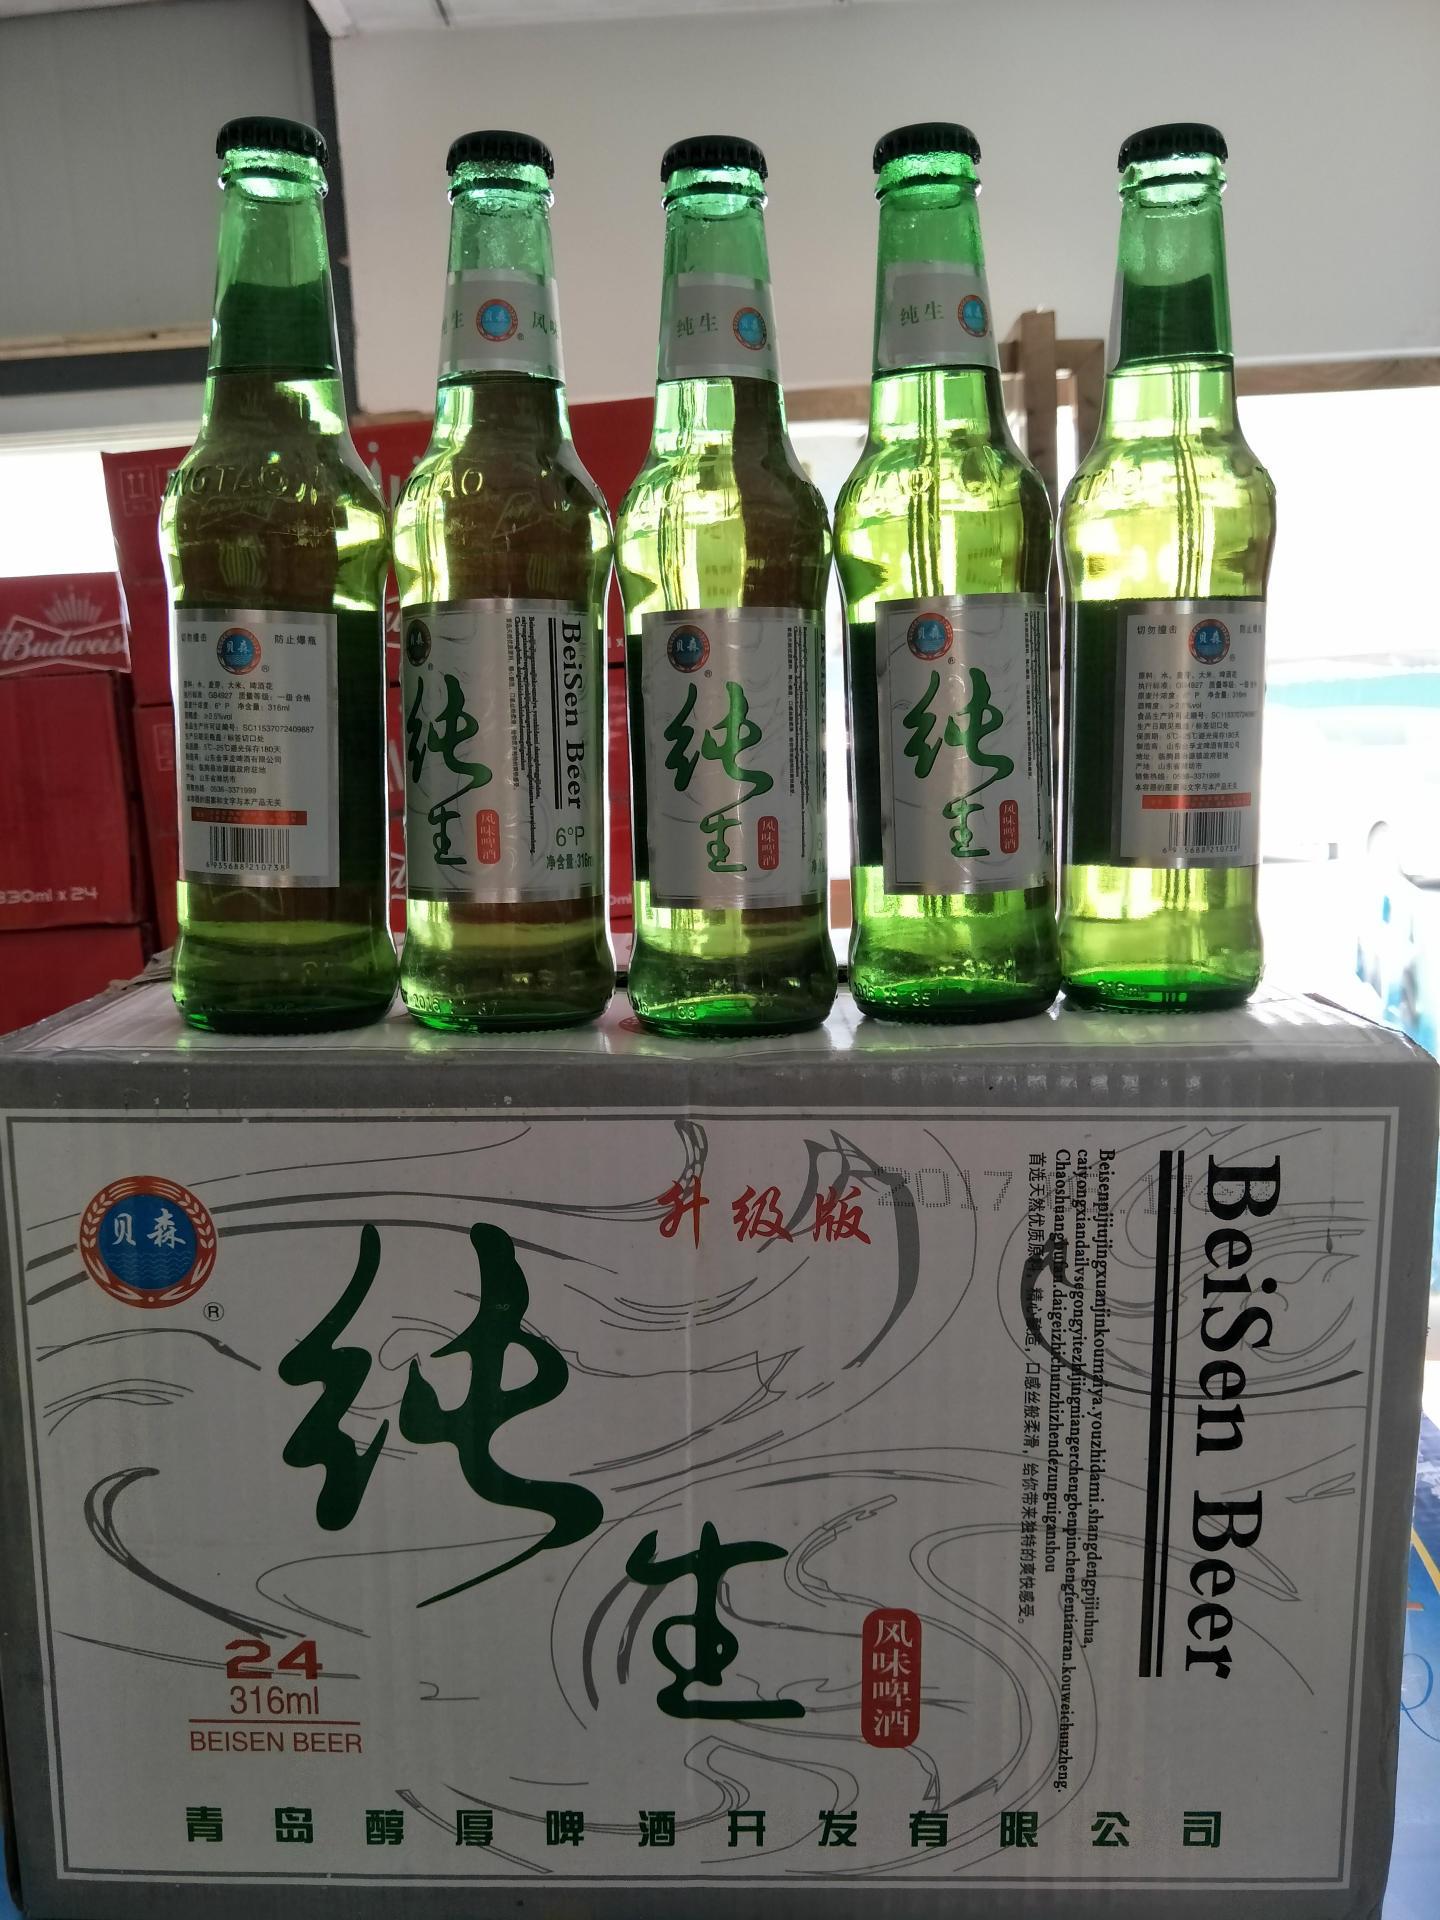 青岛啤酒贝森纯生啤酒24瓶*330毫升小瓶啤酒水酒吧KTV厂家批发